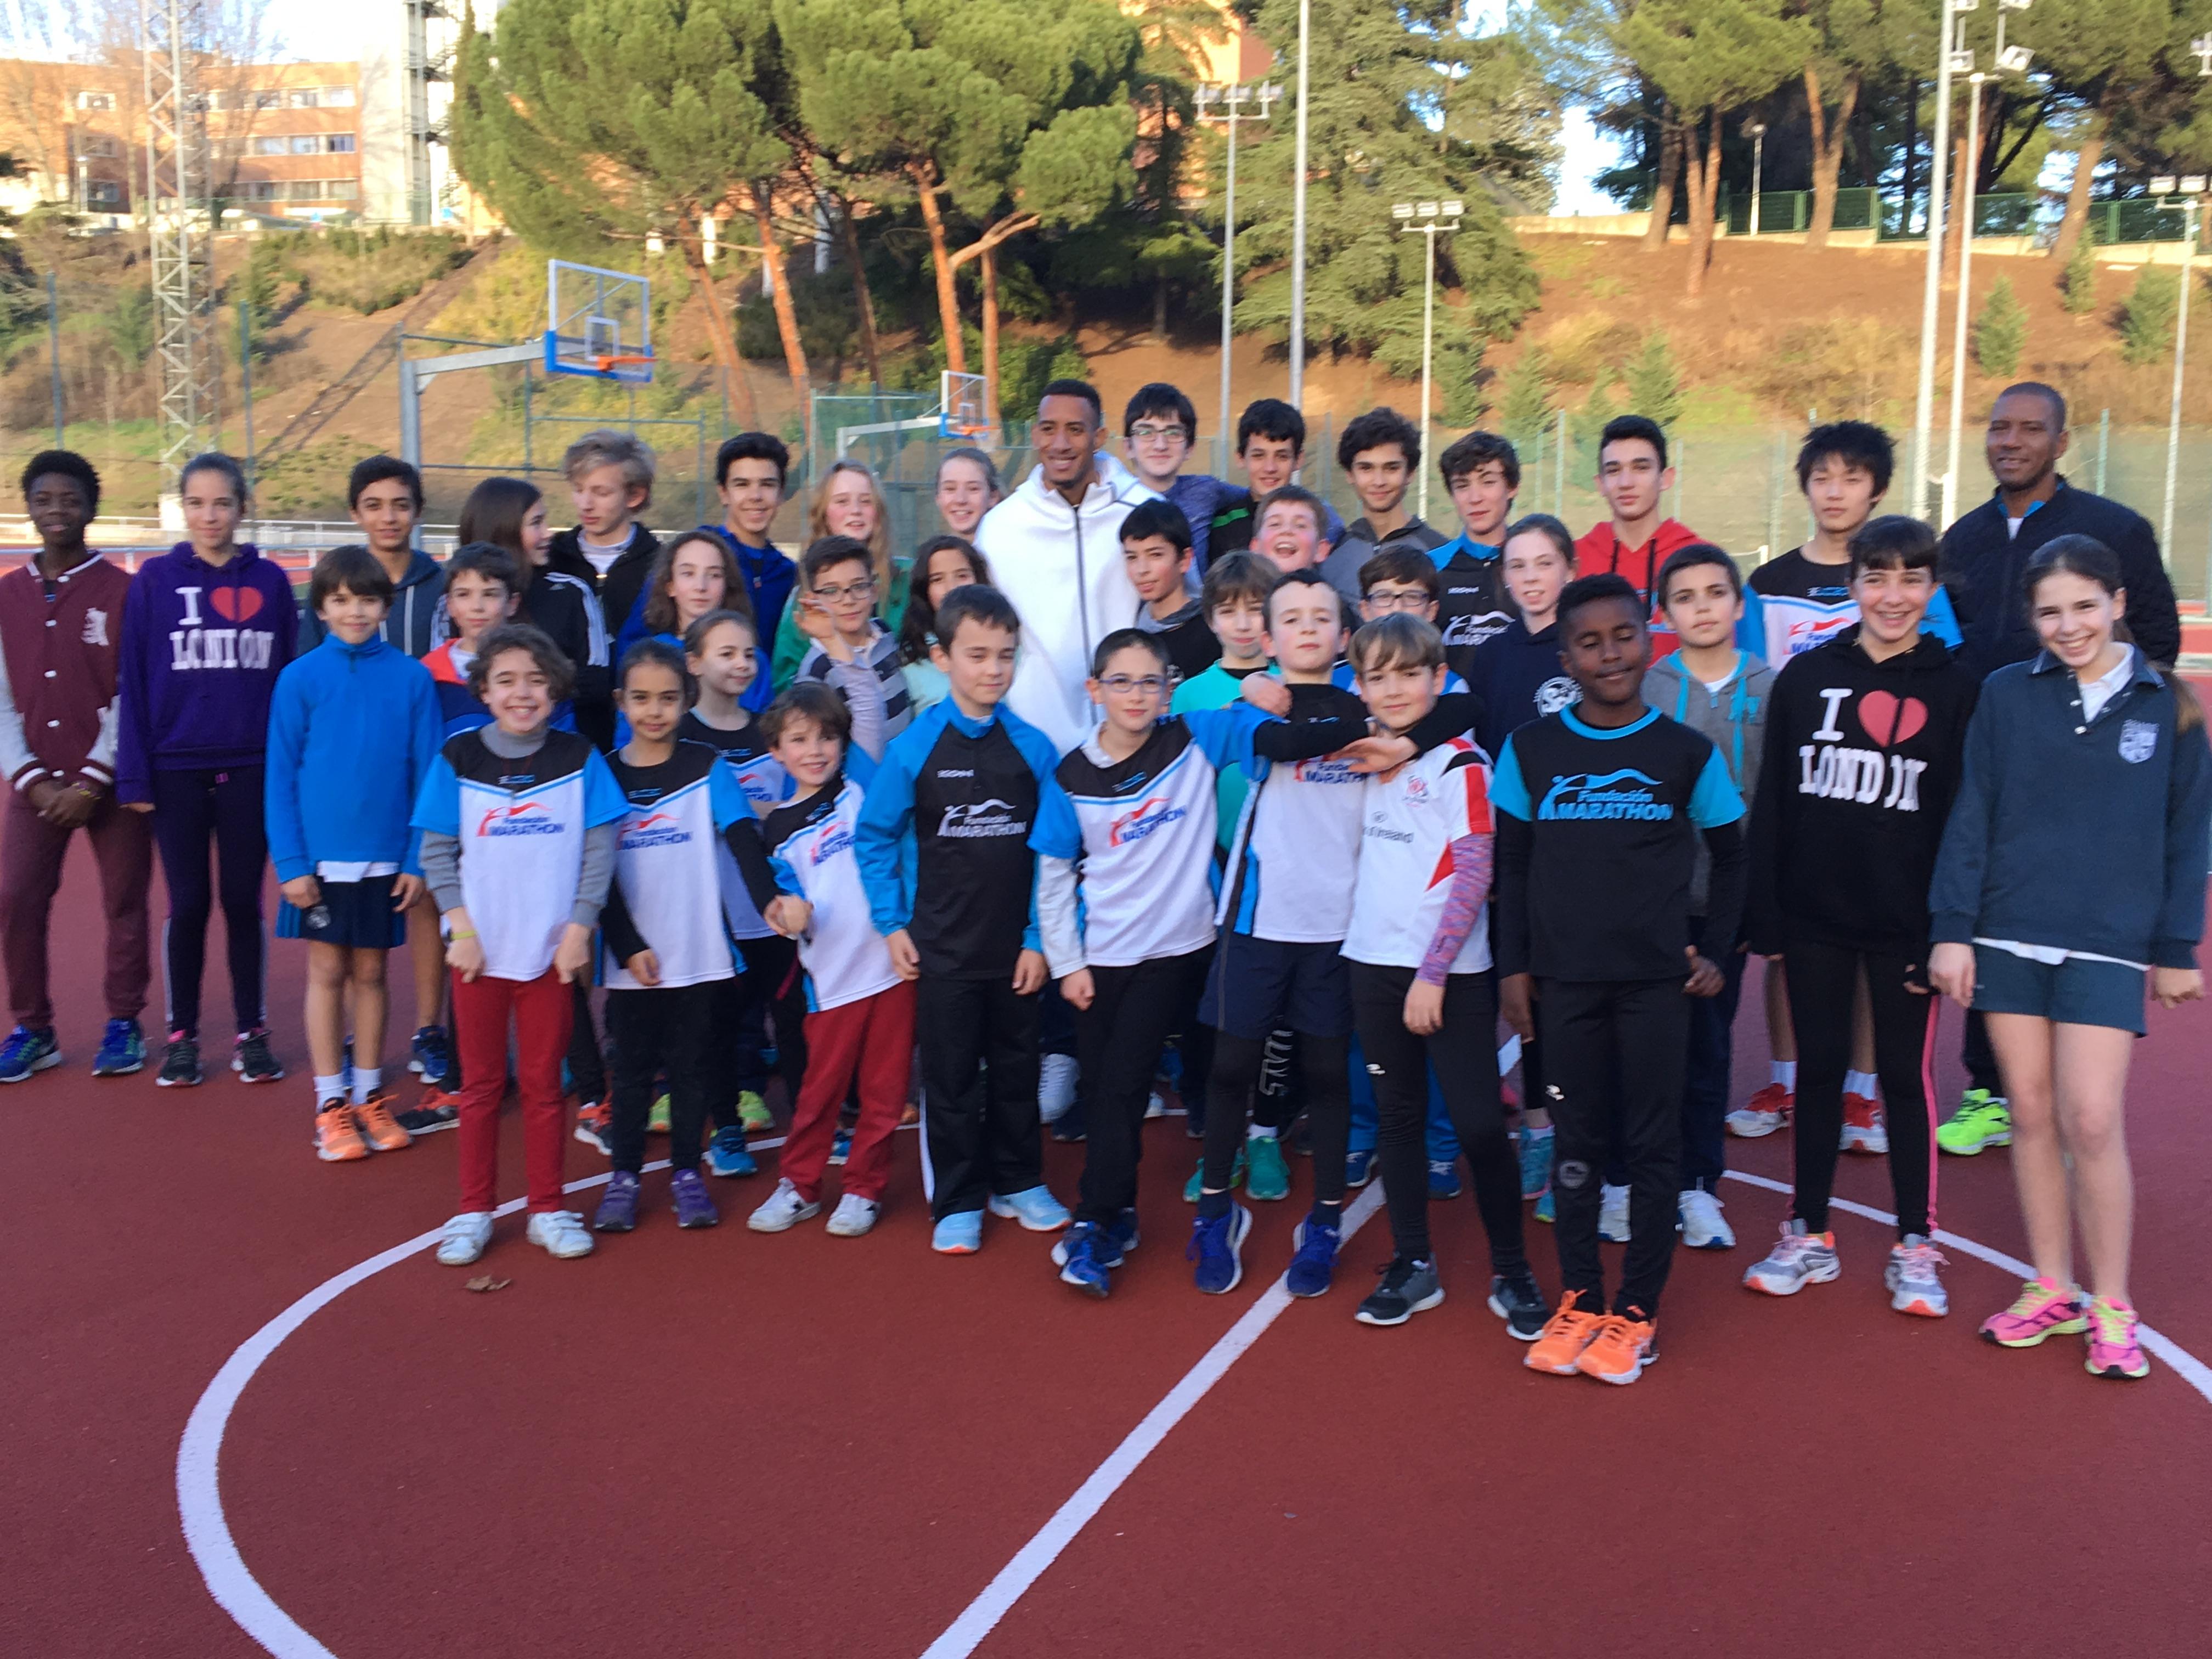 ORLANDO ORTEGA, padre, nueva incorporación a la Escuela de Atletismo